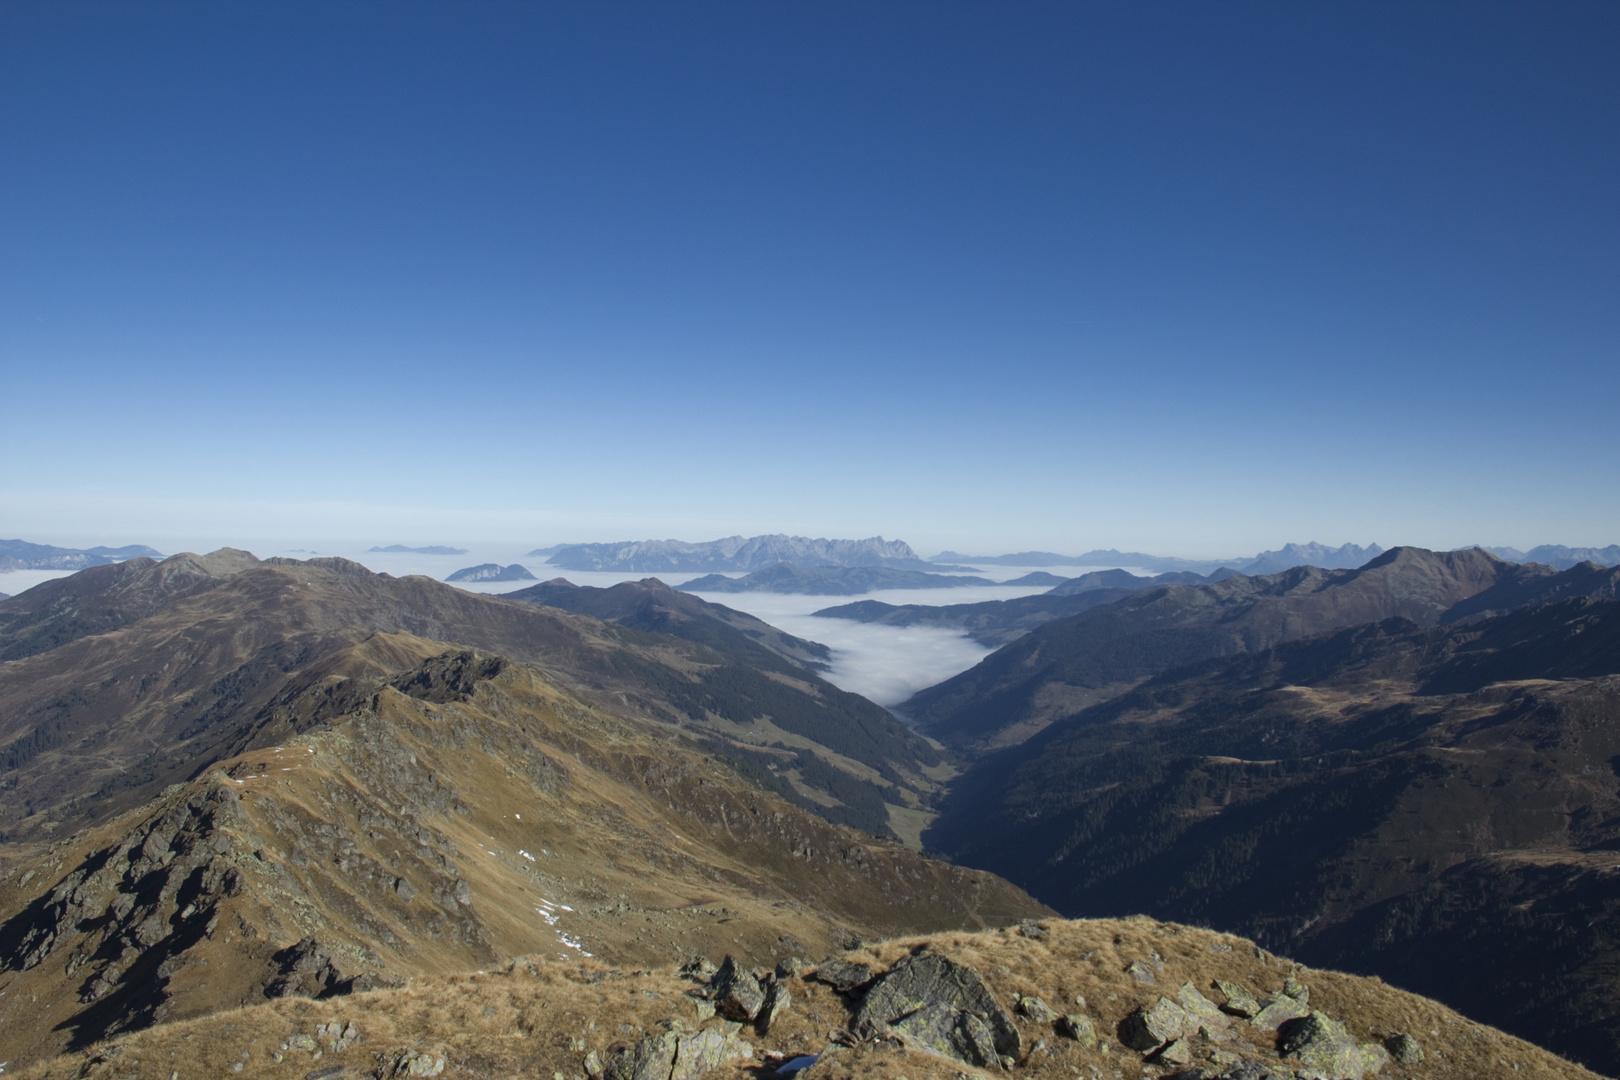 Aussicht vom Torhelm (Kitzbüheler Alpen, 2494 m)